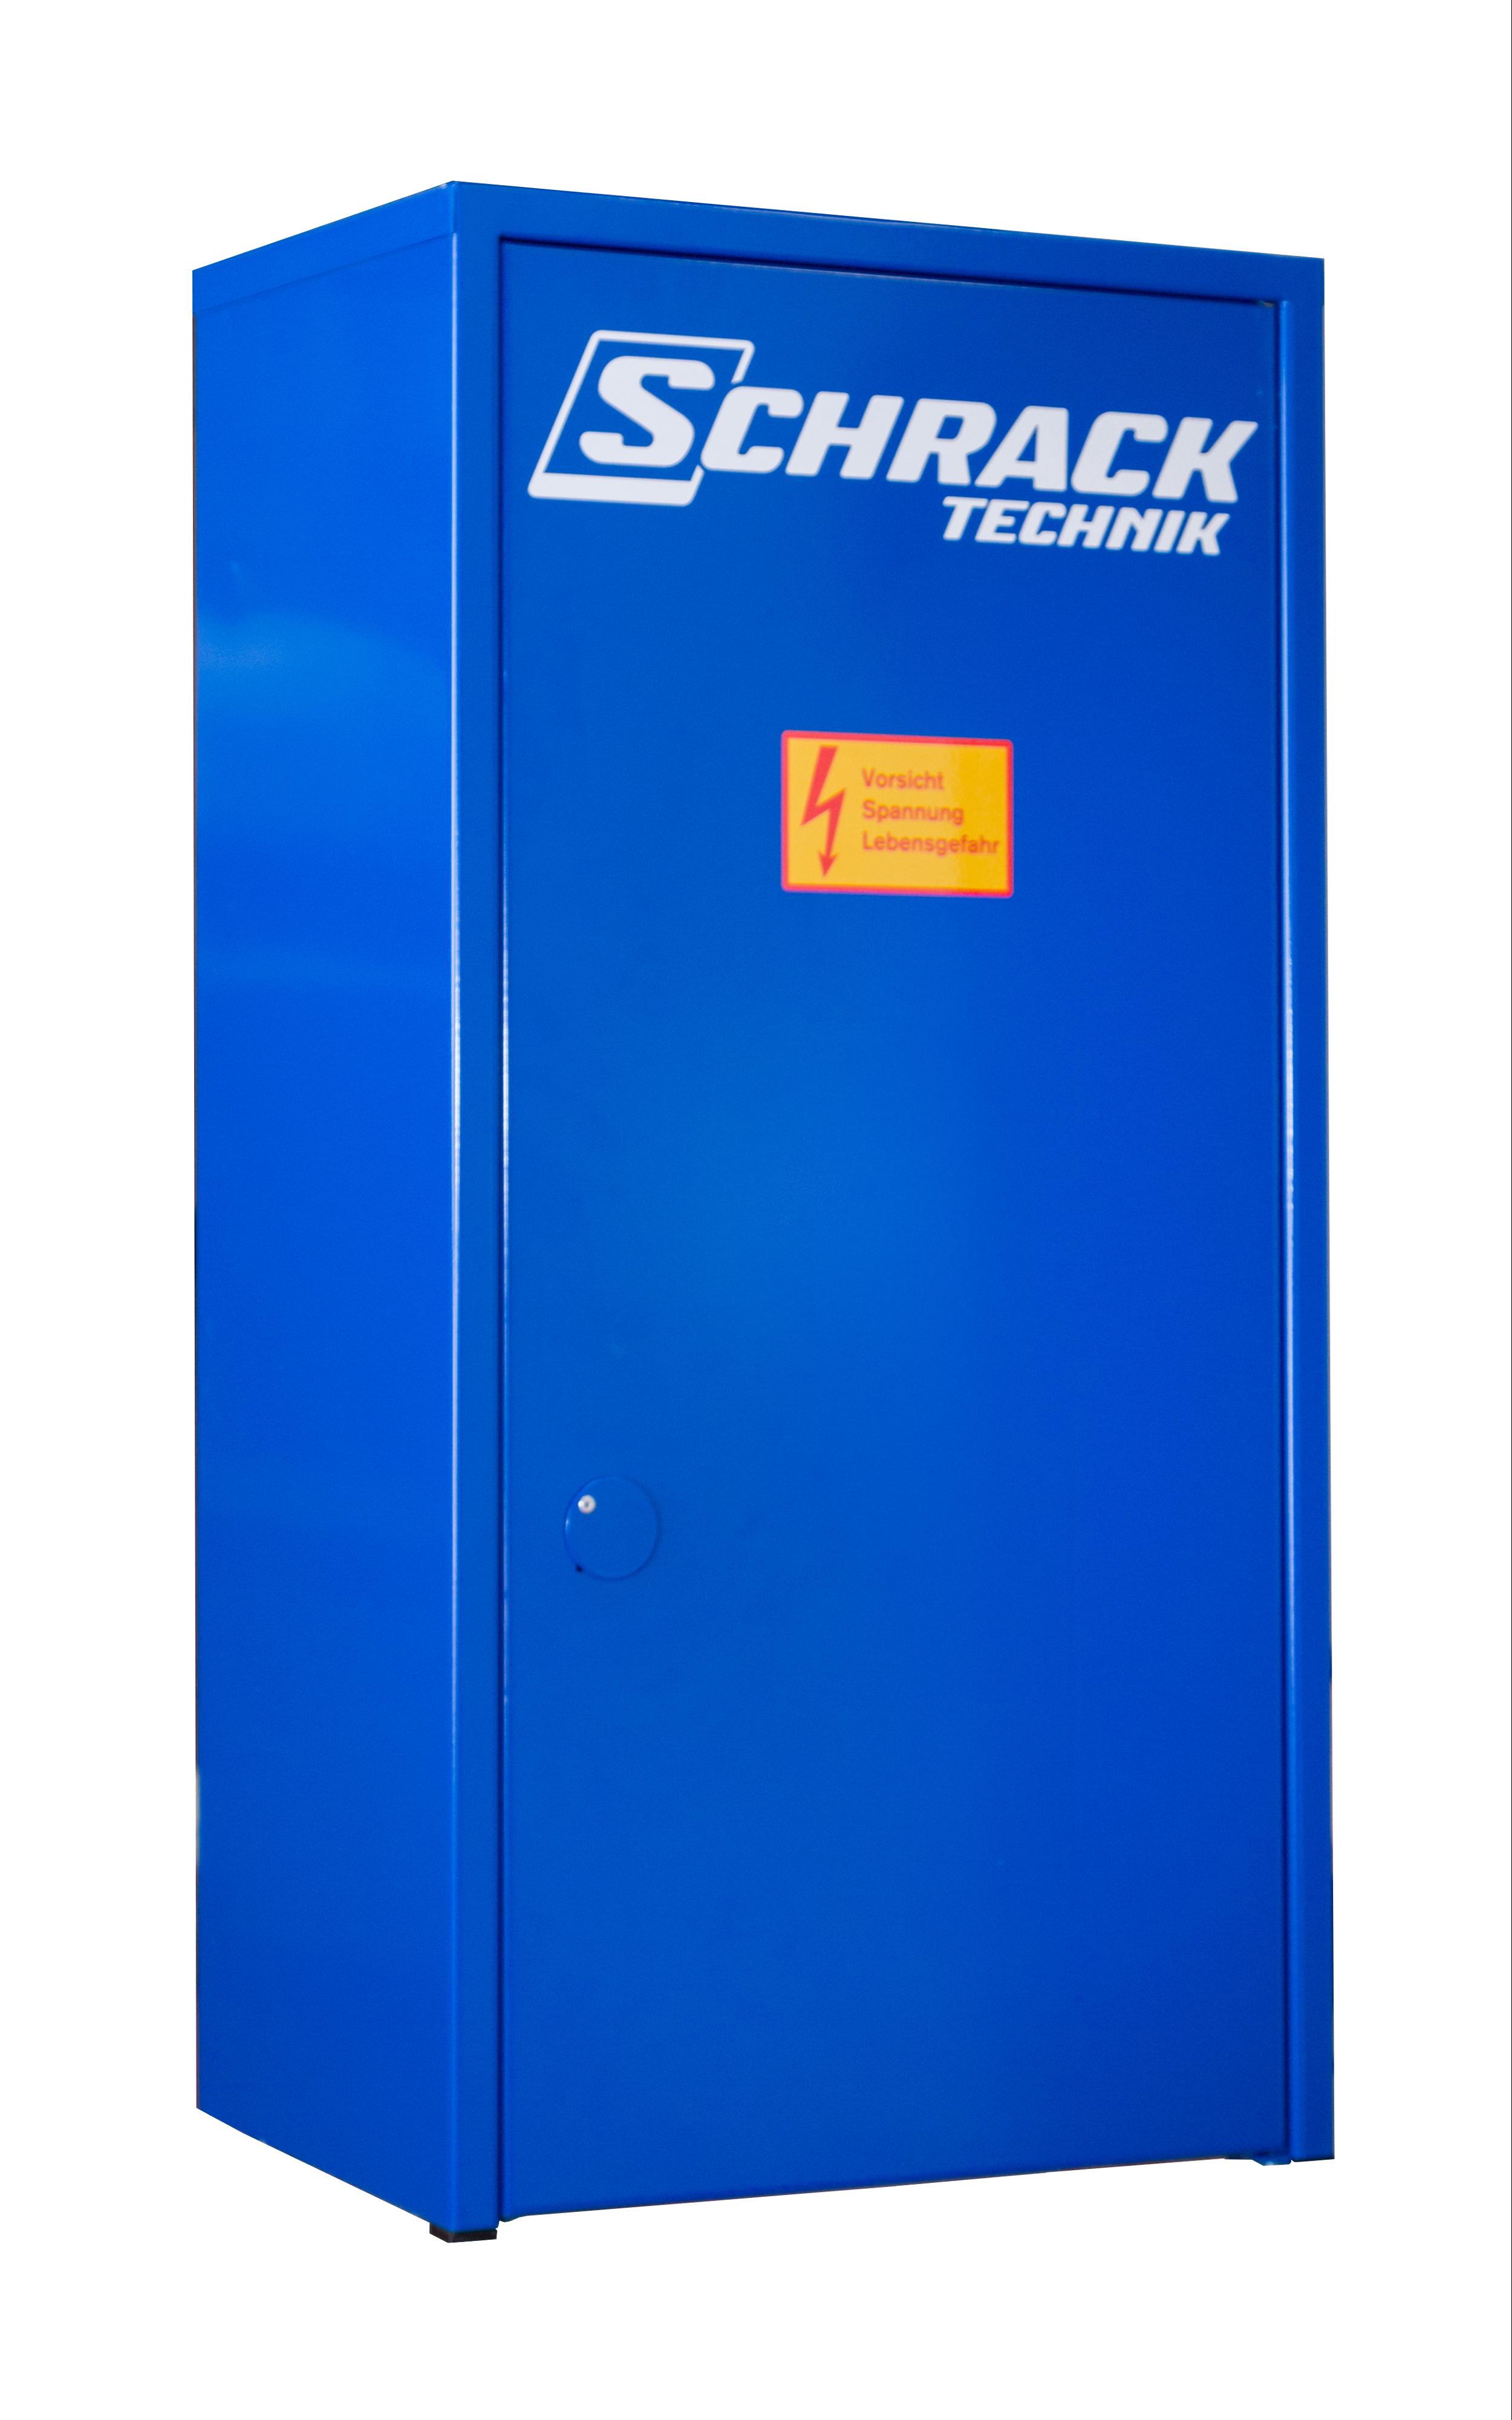 1 Stk Baustromverteiler 35A für TT-Netz, Steiermark IG729994--